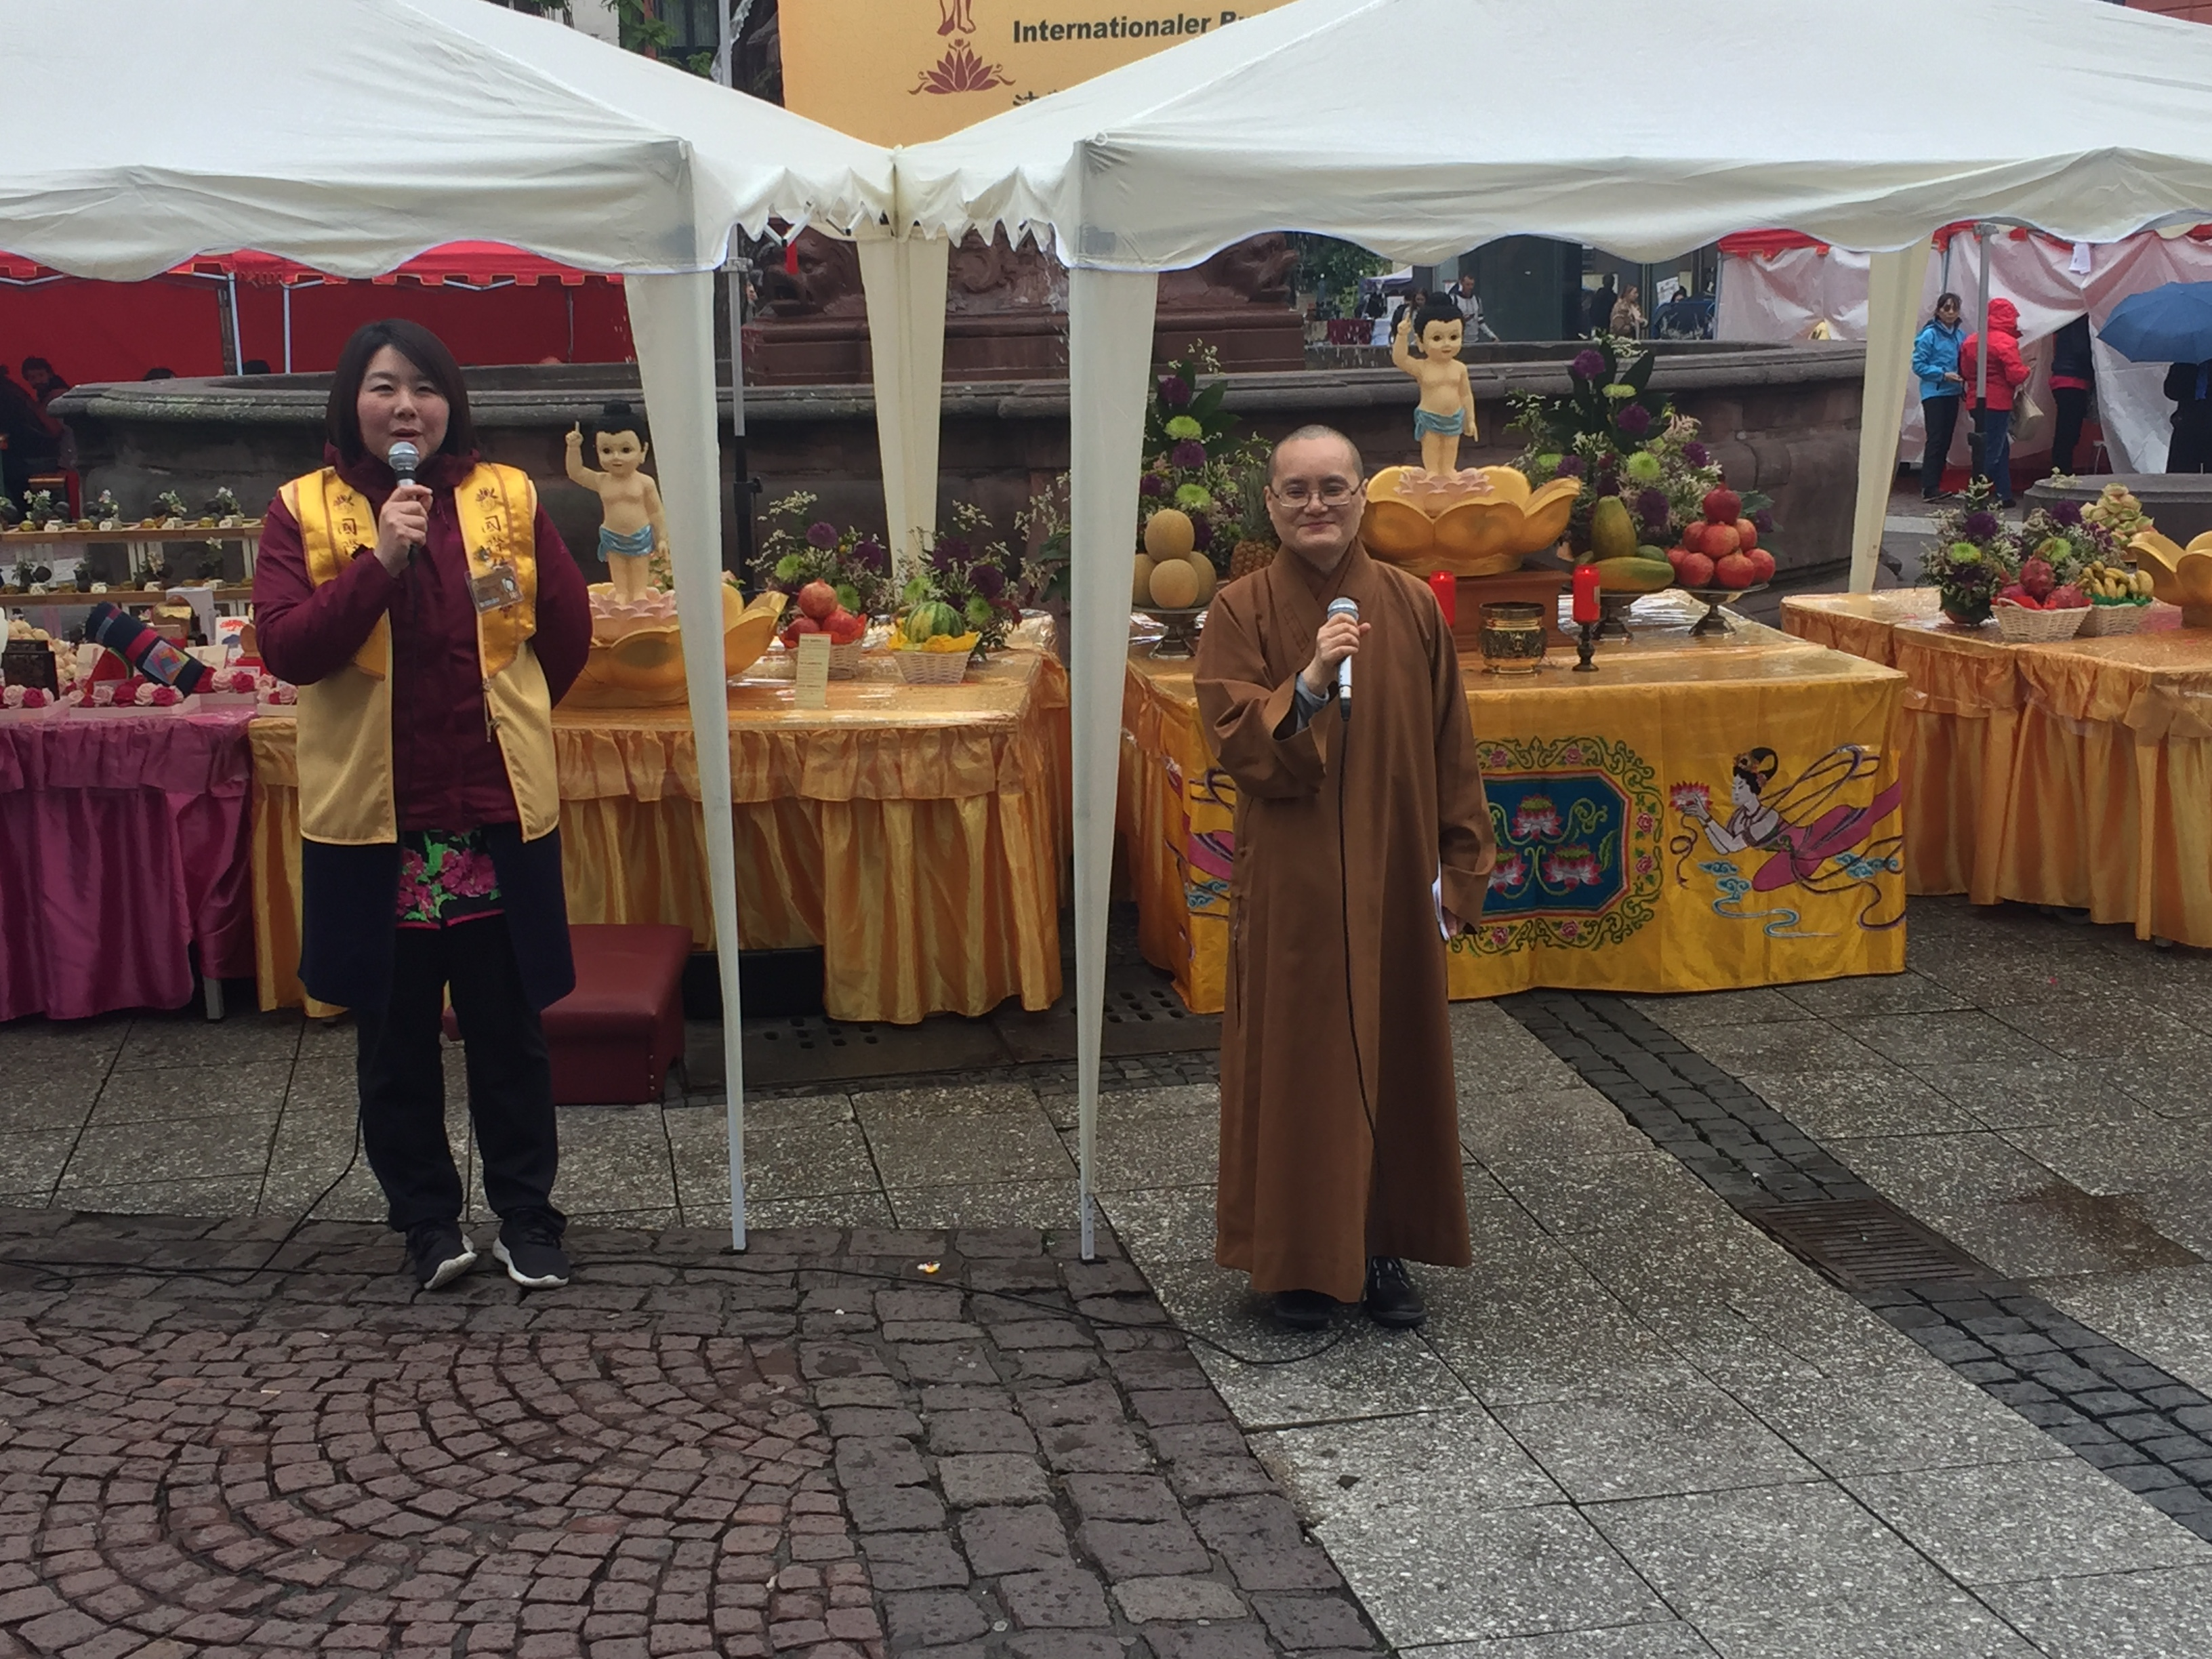 Äbtissin und Meisterin MIAN Yan (rechts) eröffnet die Feierlichkeiten